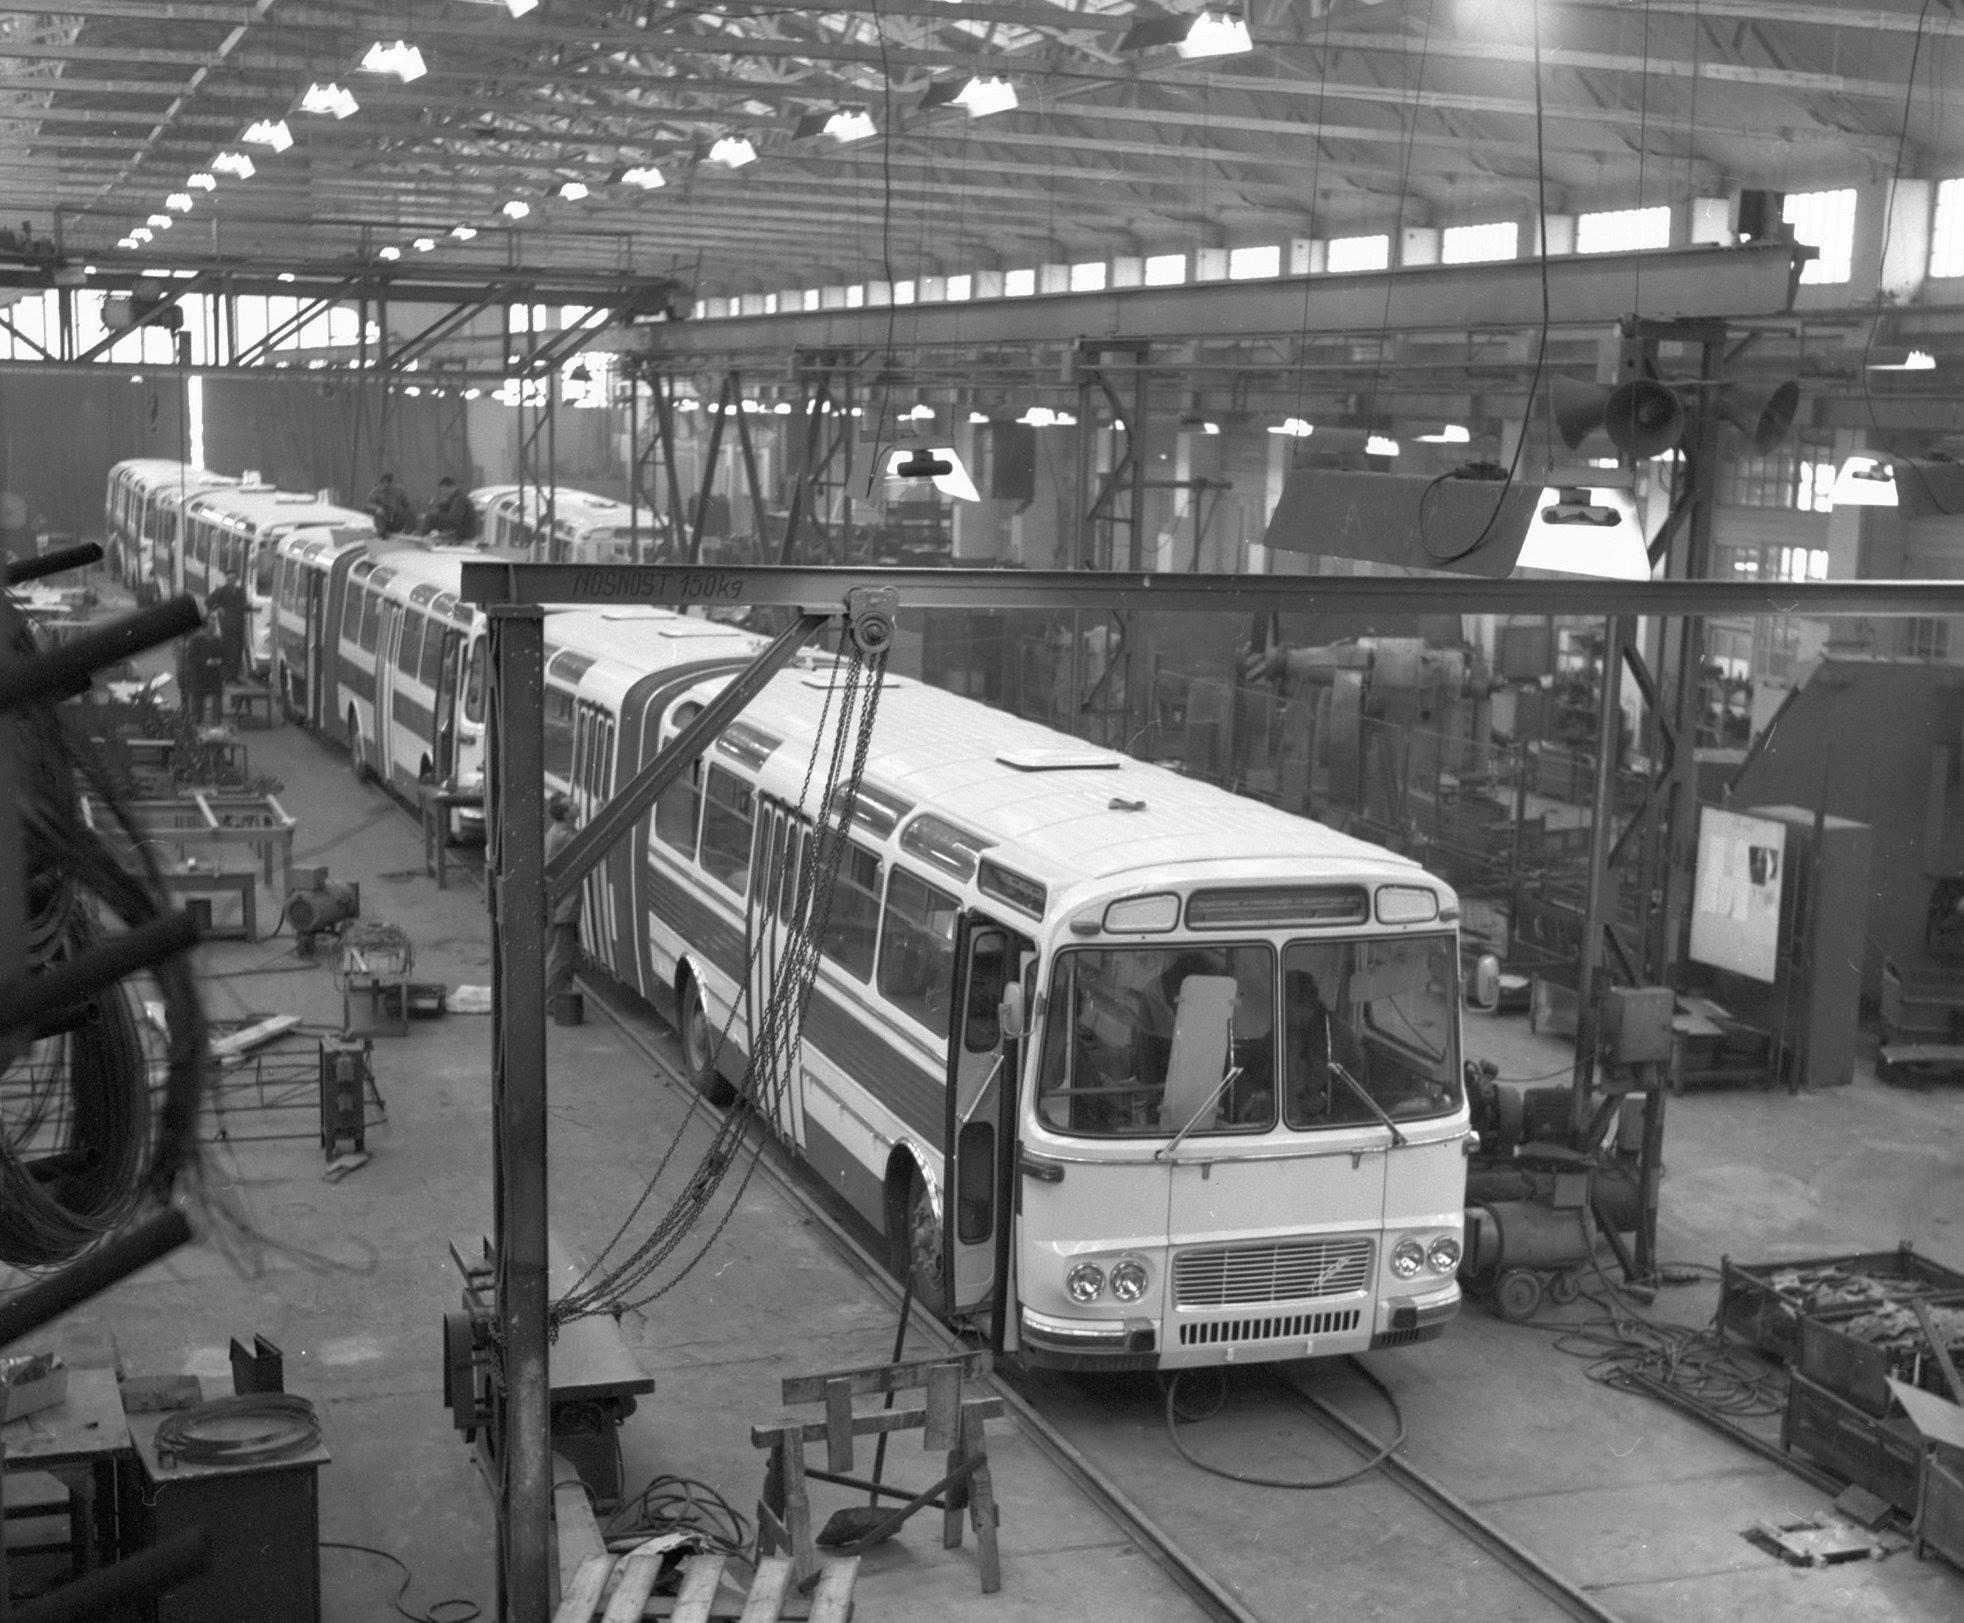 In-1968-1969-werd-een-patnactikusova-verificatie-vastgesteld.-De-productie-van-de-achterkant-en-de-assemblage-vond-plaats-in-de-onderneming-in-de-buurt-van-de-onderneming